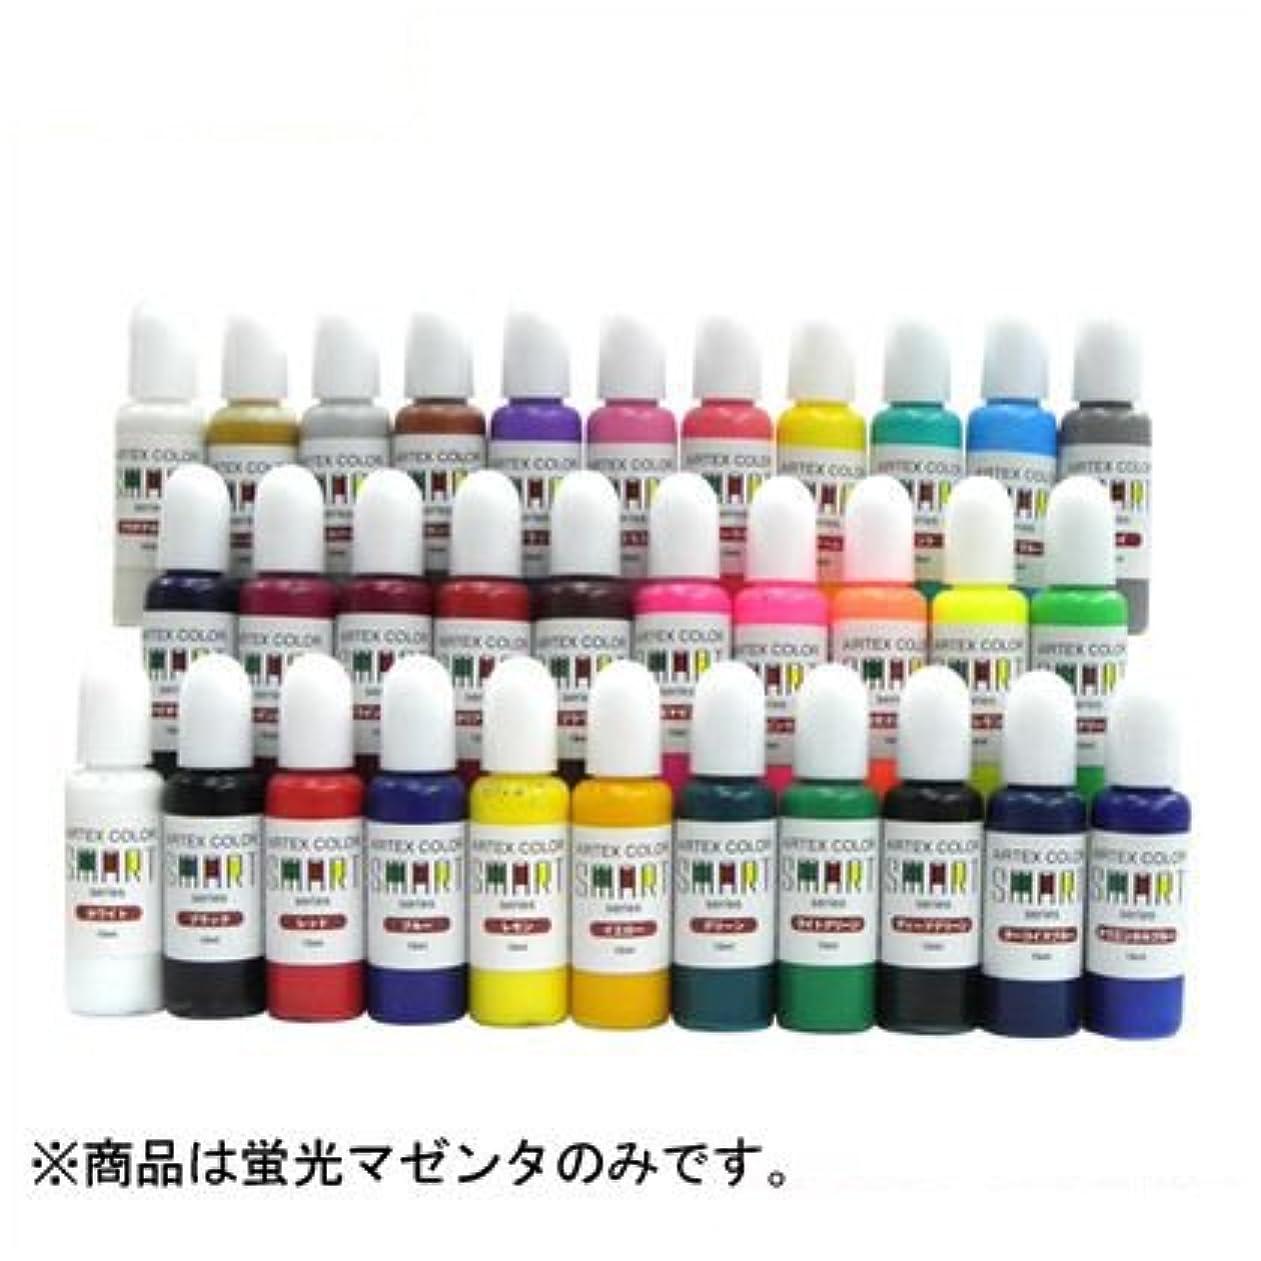 エアテックス カラースマートシリーズ 蛍光マゼンタ ACS17